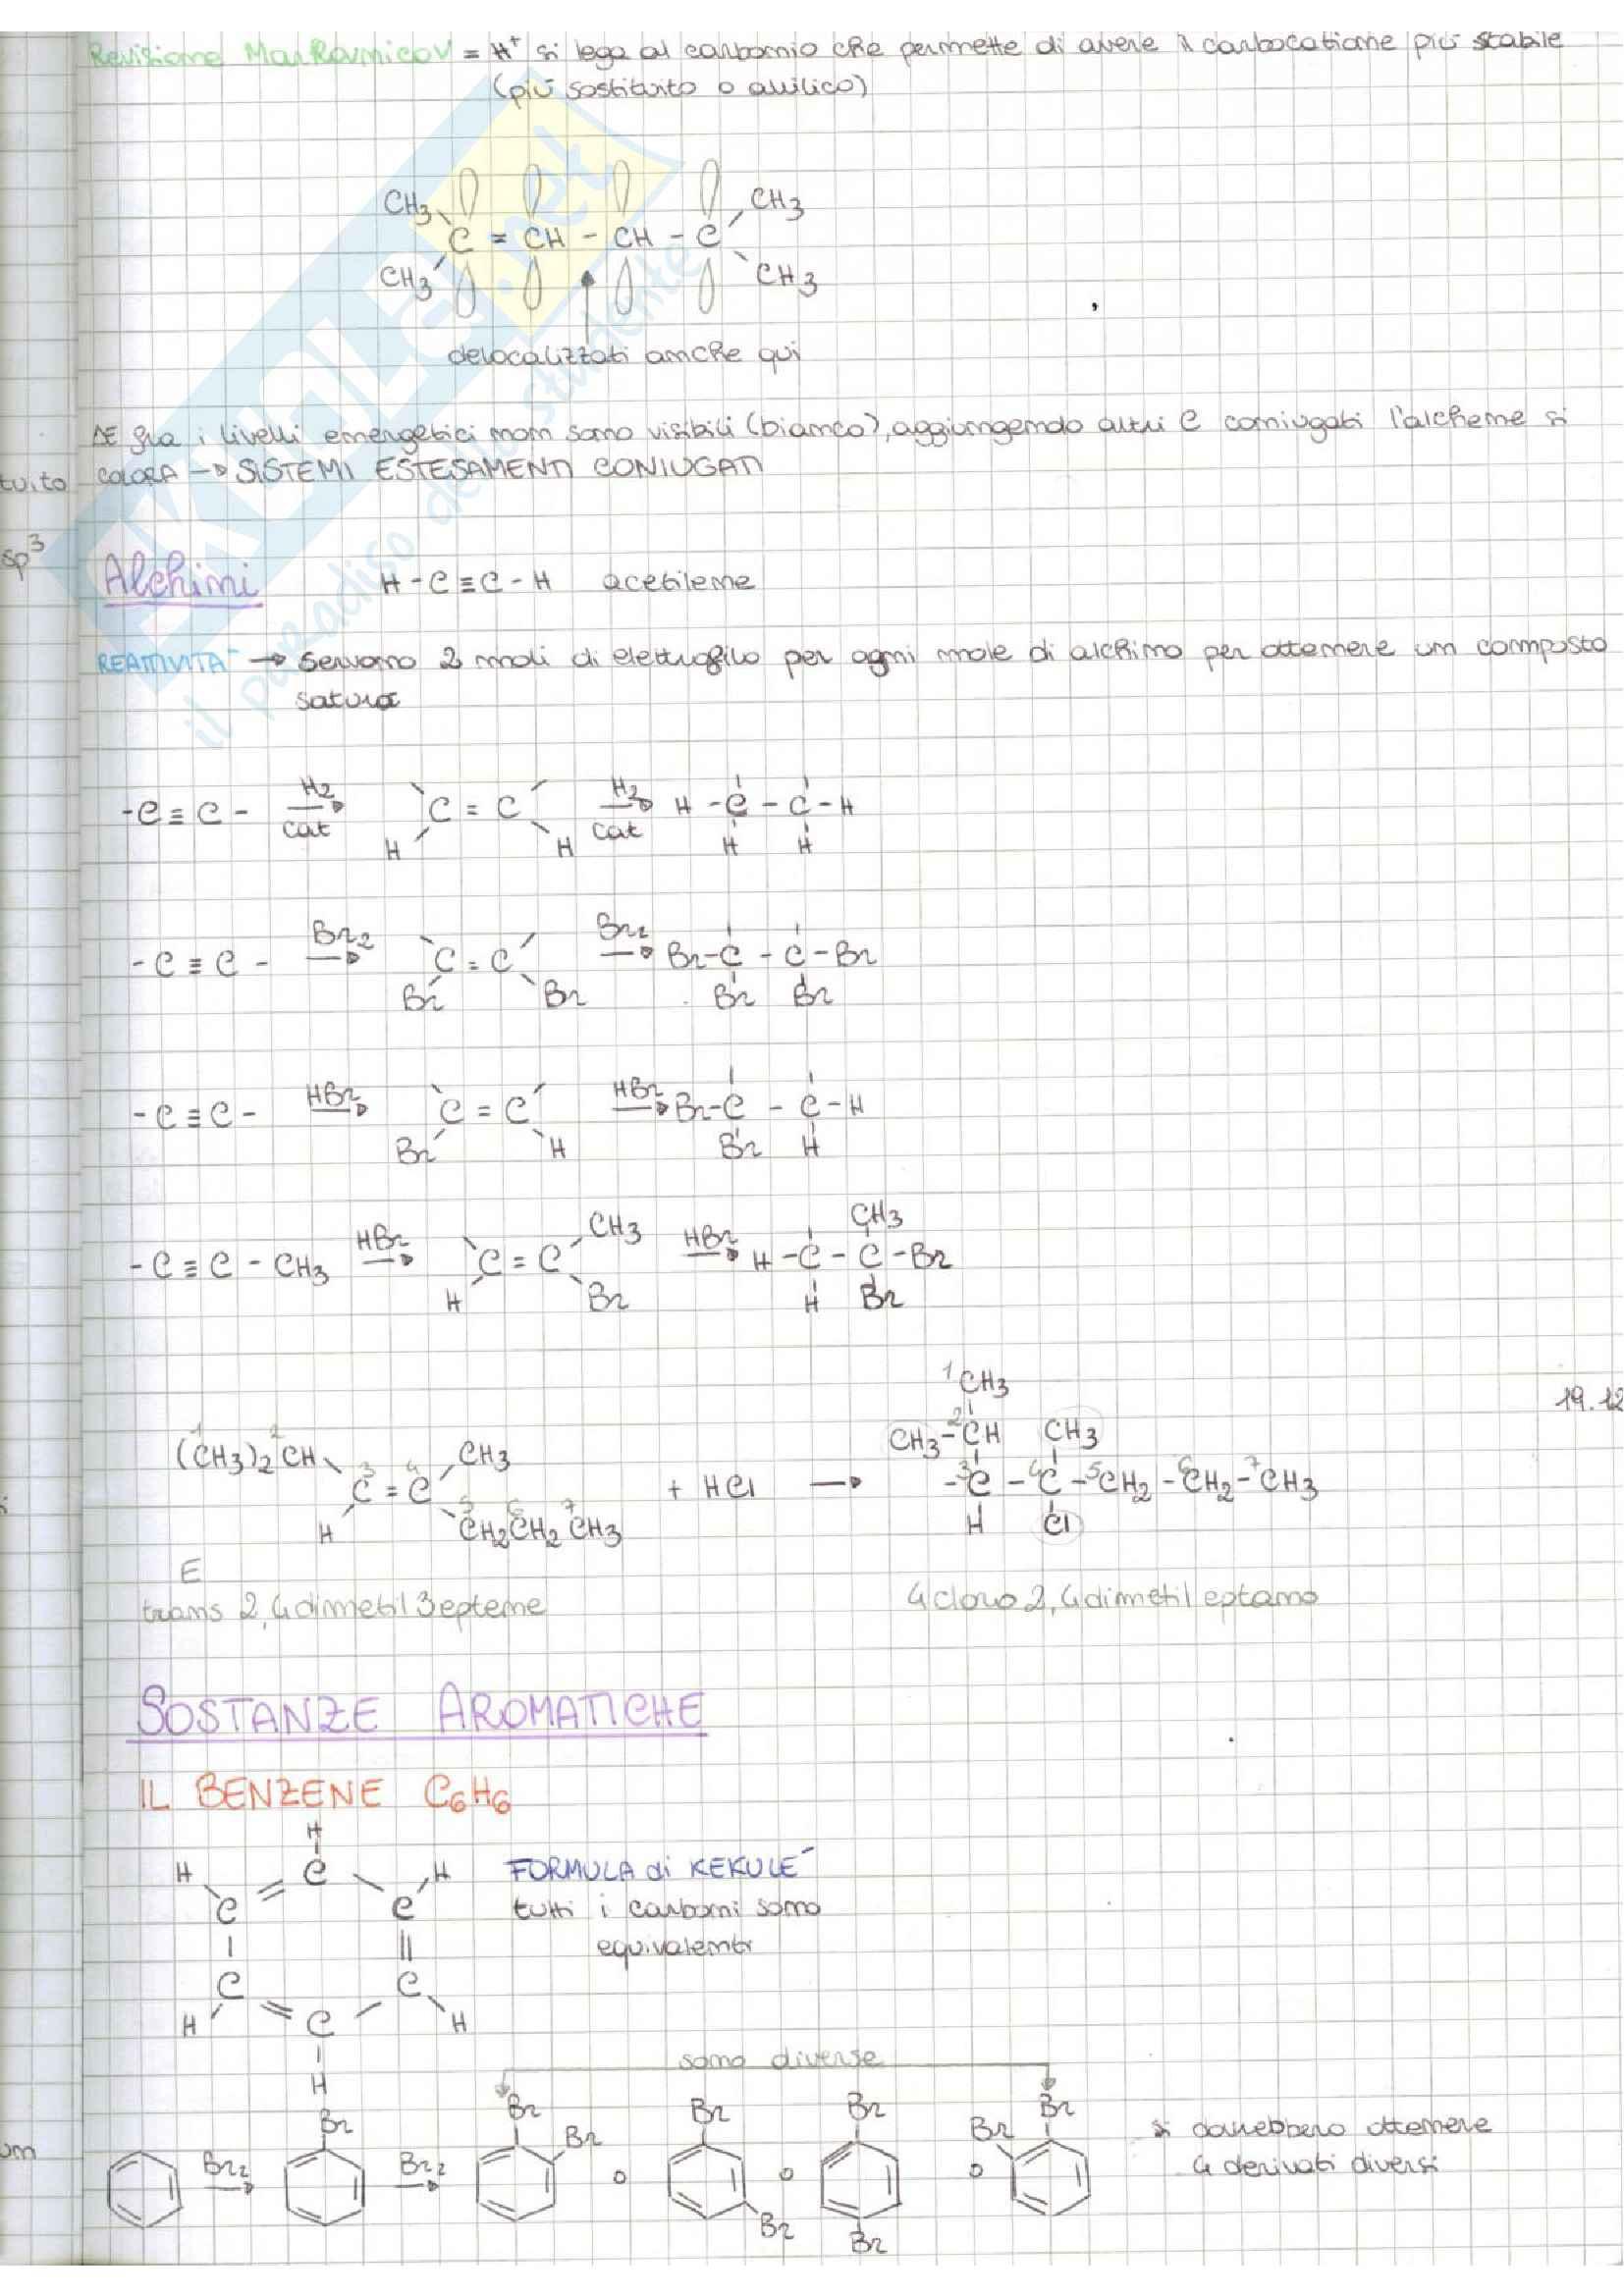 Alchini, sostanze aromatiche, reattività, benzene, regola di Huckel